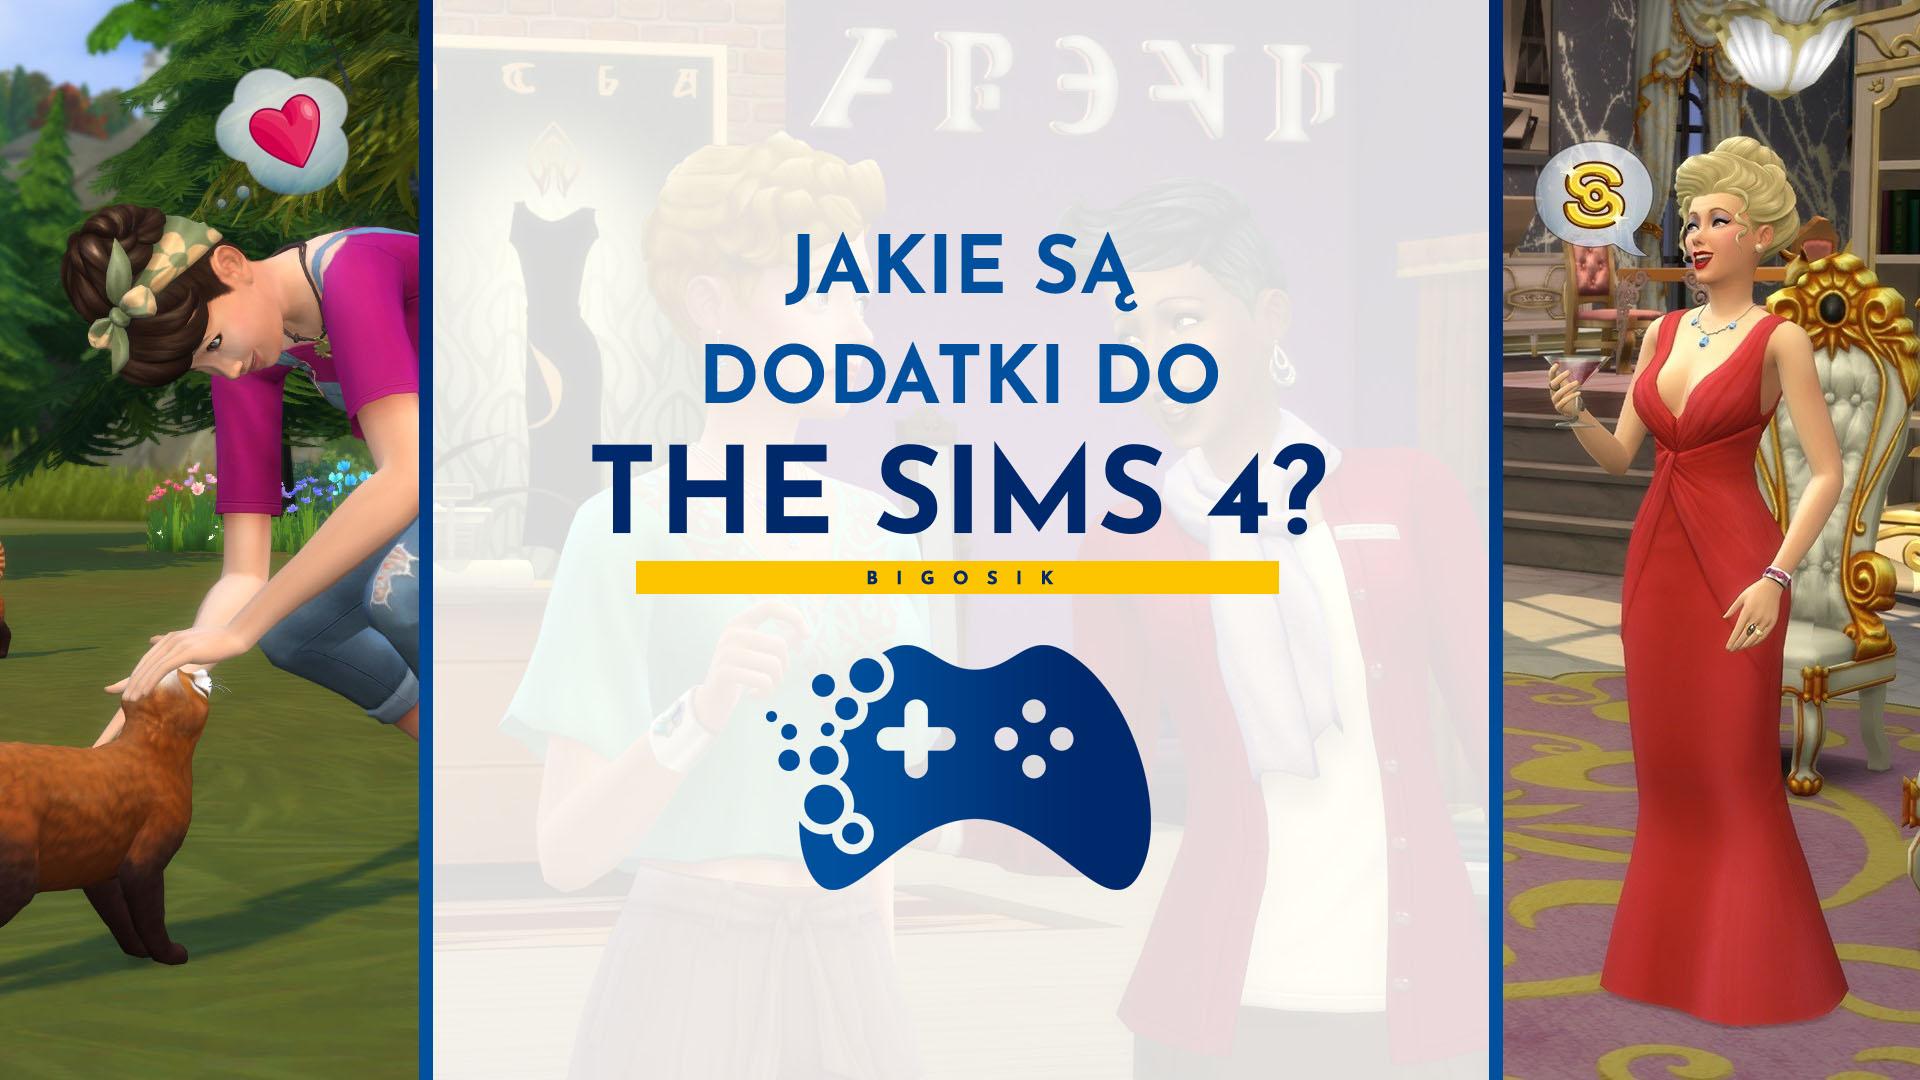 Jakie są dodatki do The Sims 4 i ile kosztują?